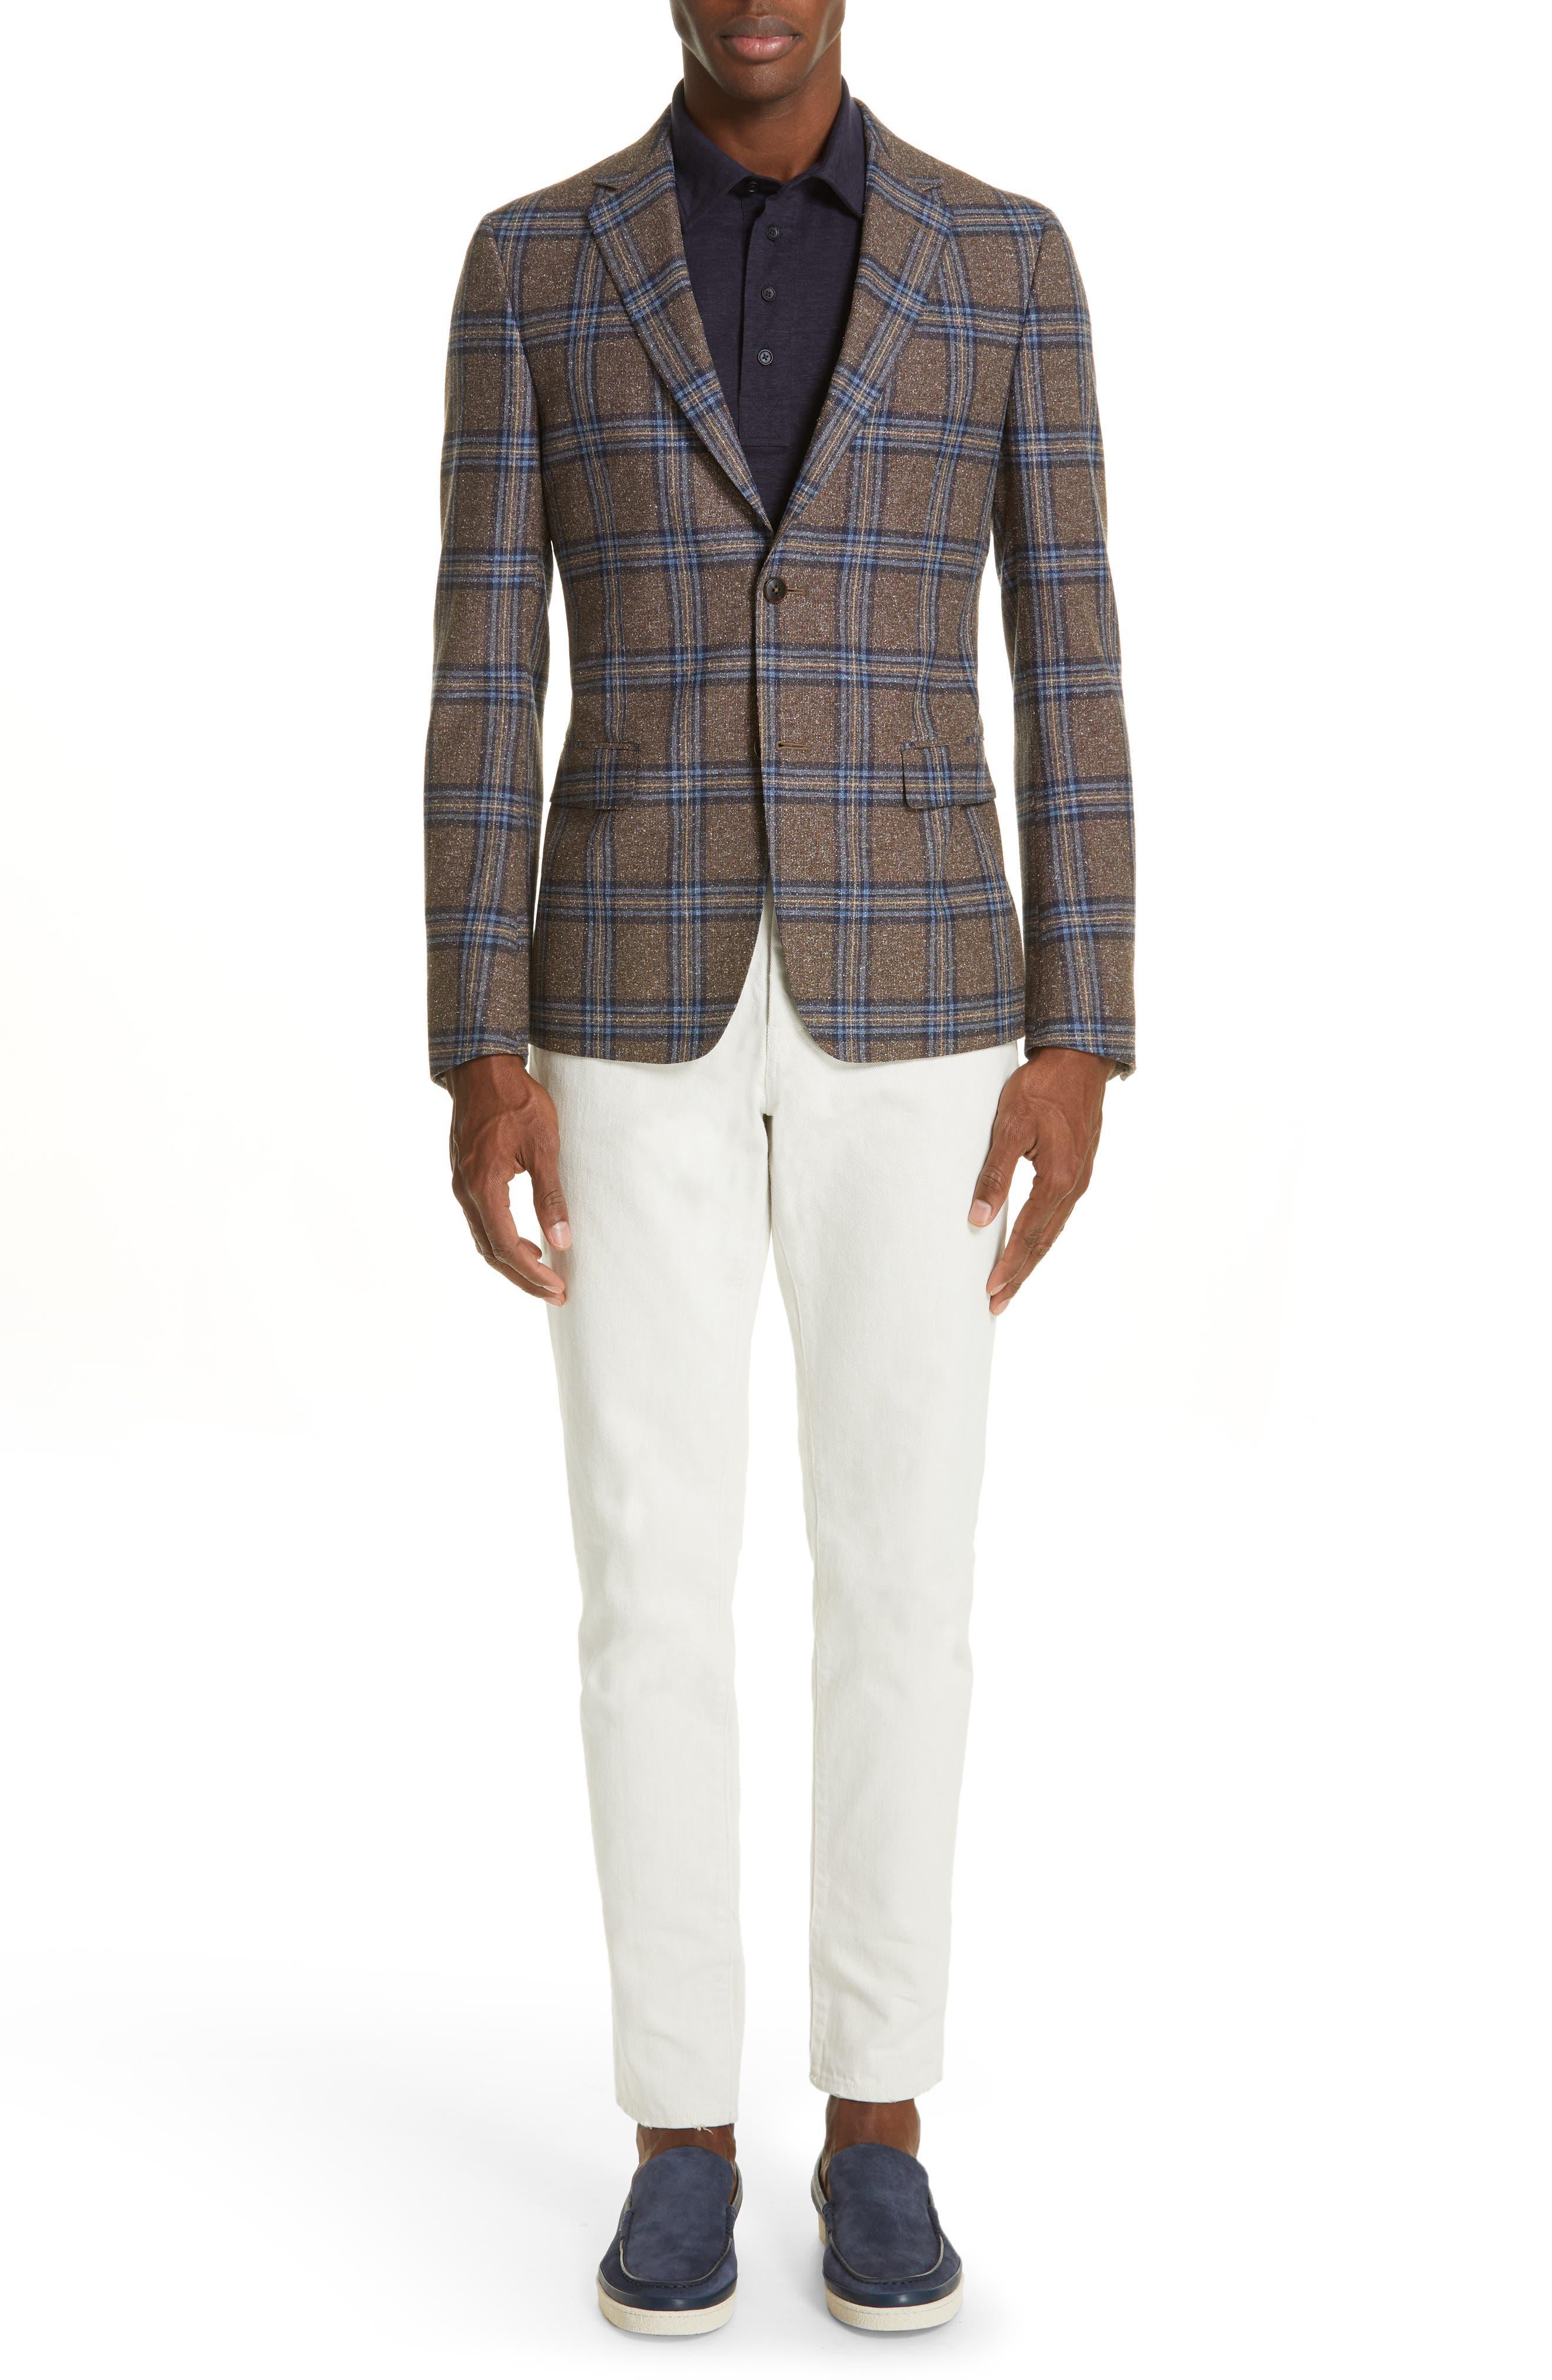 ERMENEGILDO ZEGNA, Ermenegilda Zegna Linen Polo Shirt, Alternate thumbnail 7, color, NAVY